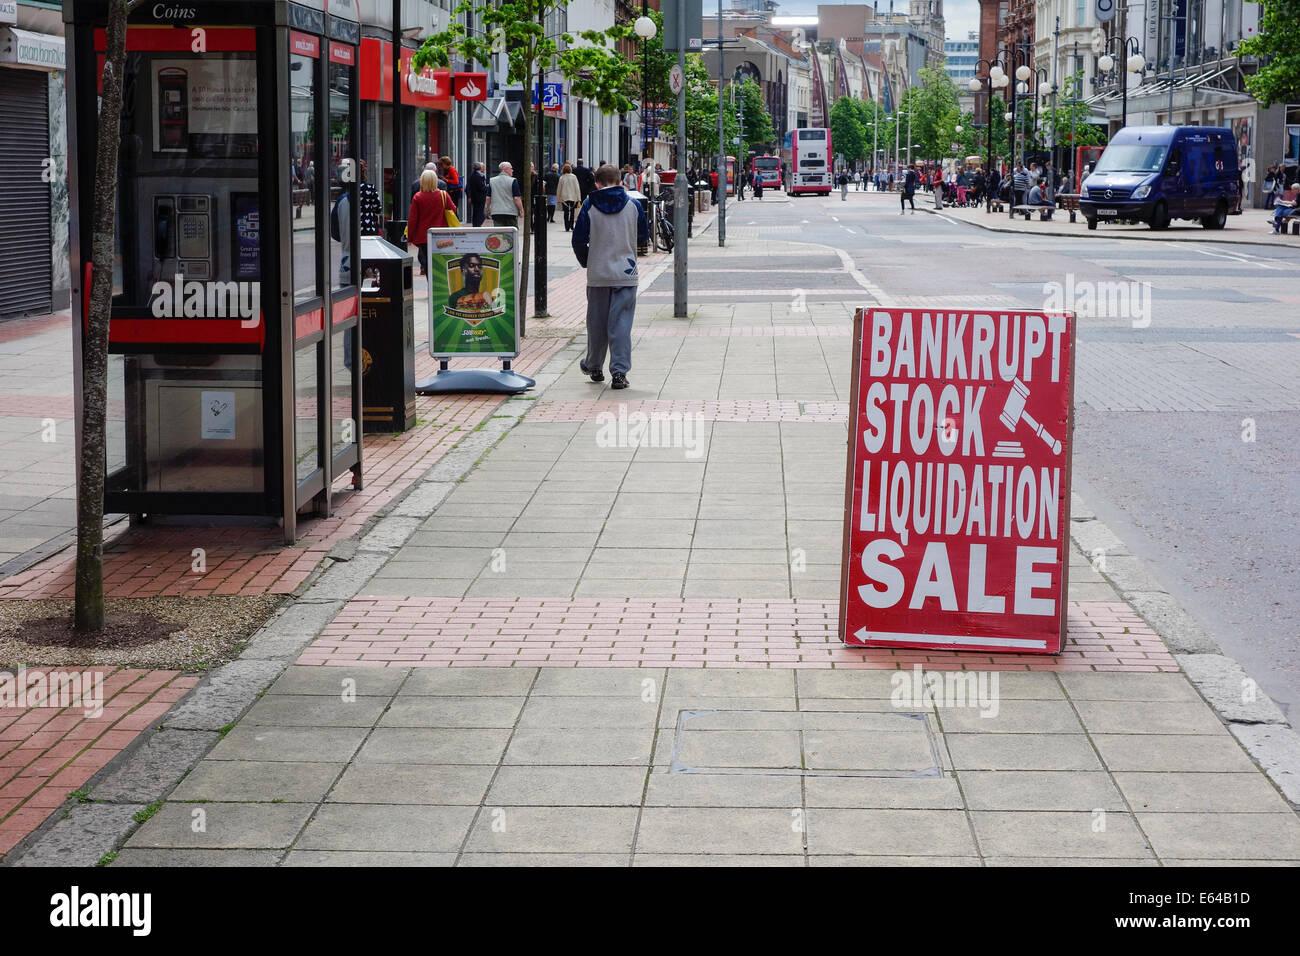 Fallimento Liquidazione stock vendita al di fuori del negozio, Royal Avenue, Belfast Immagini Stock